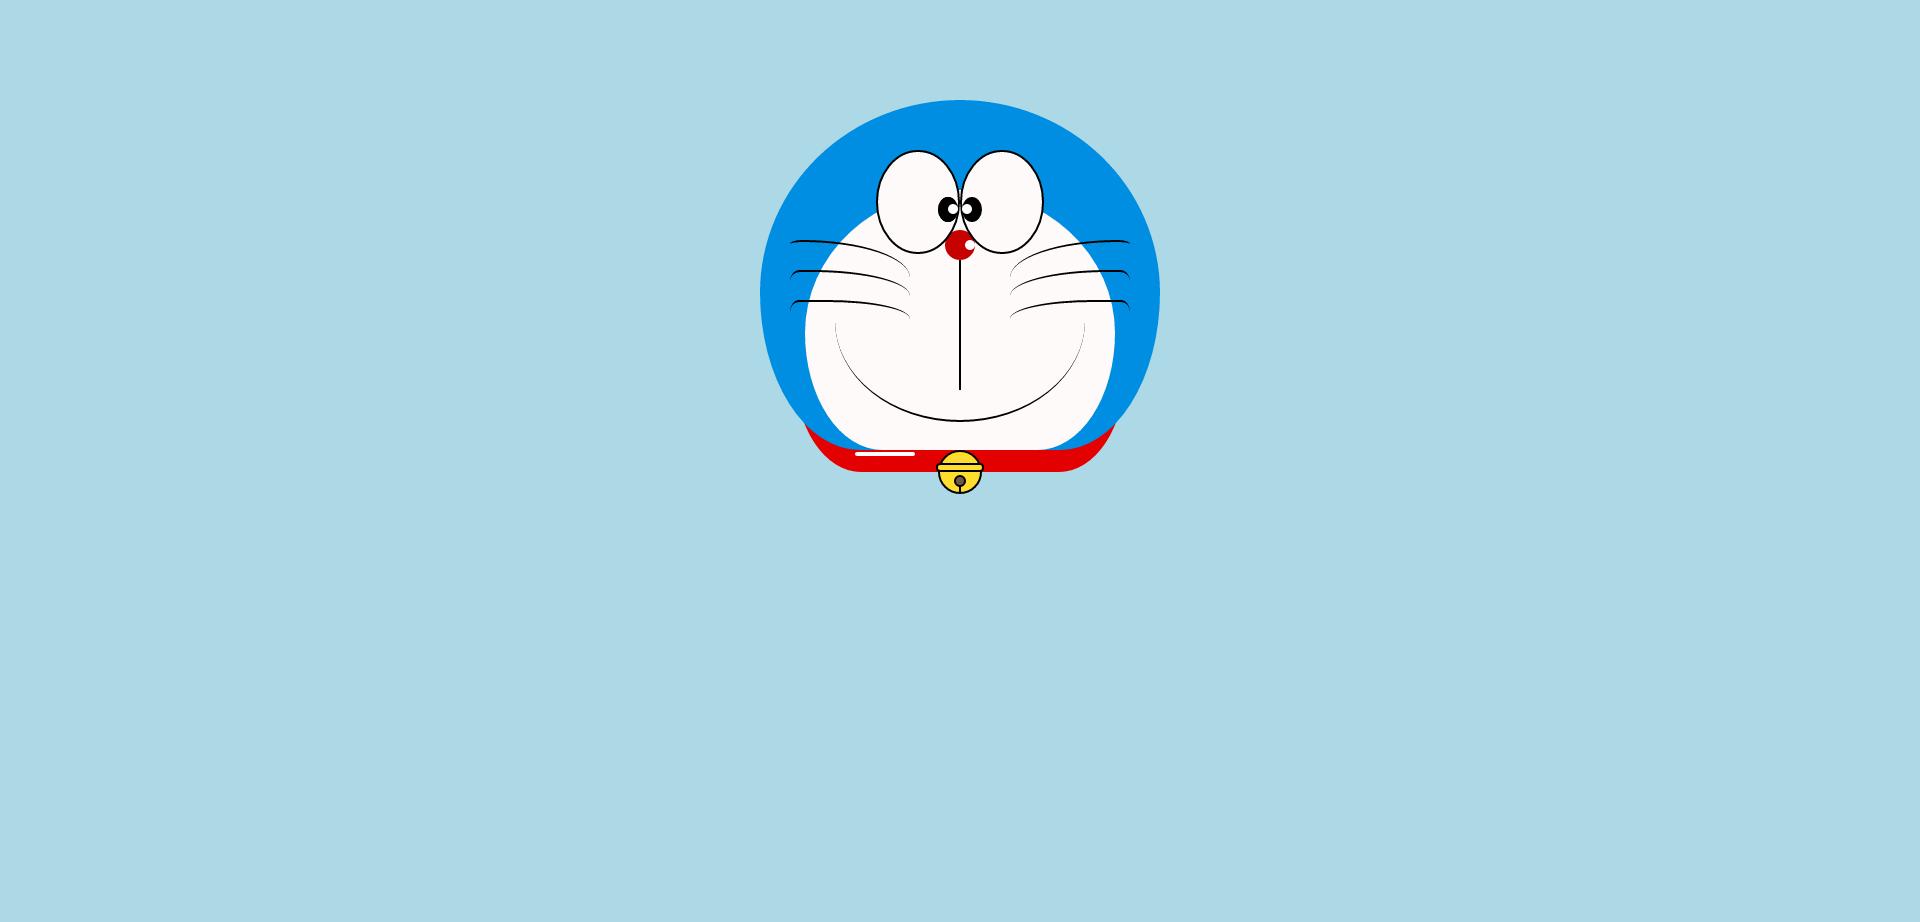 CSS3绘制哆啦A梦头像动画代码